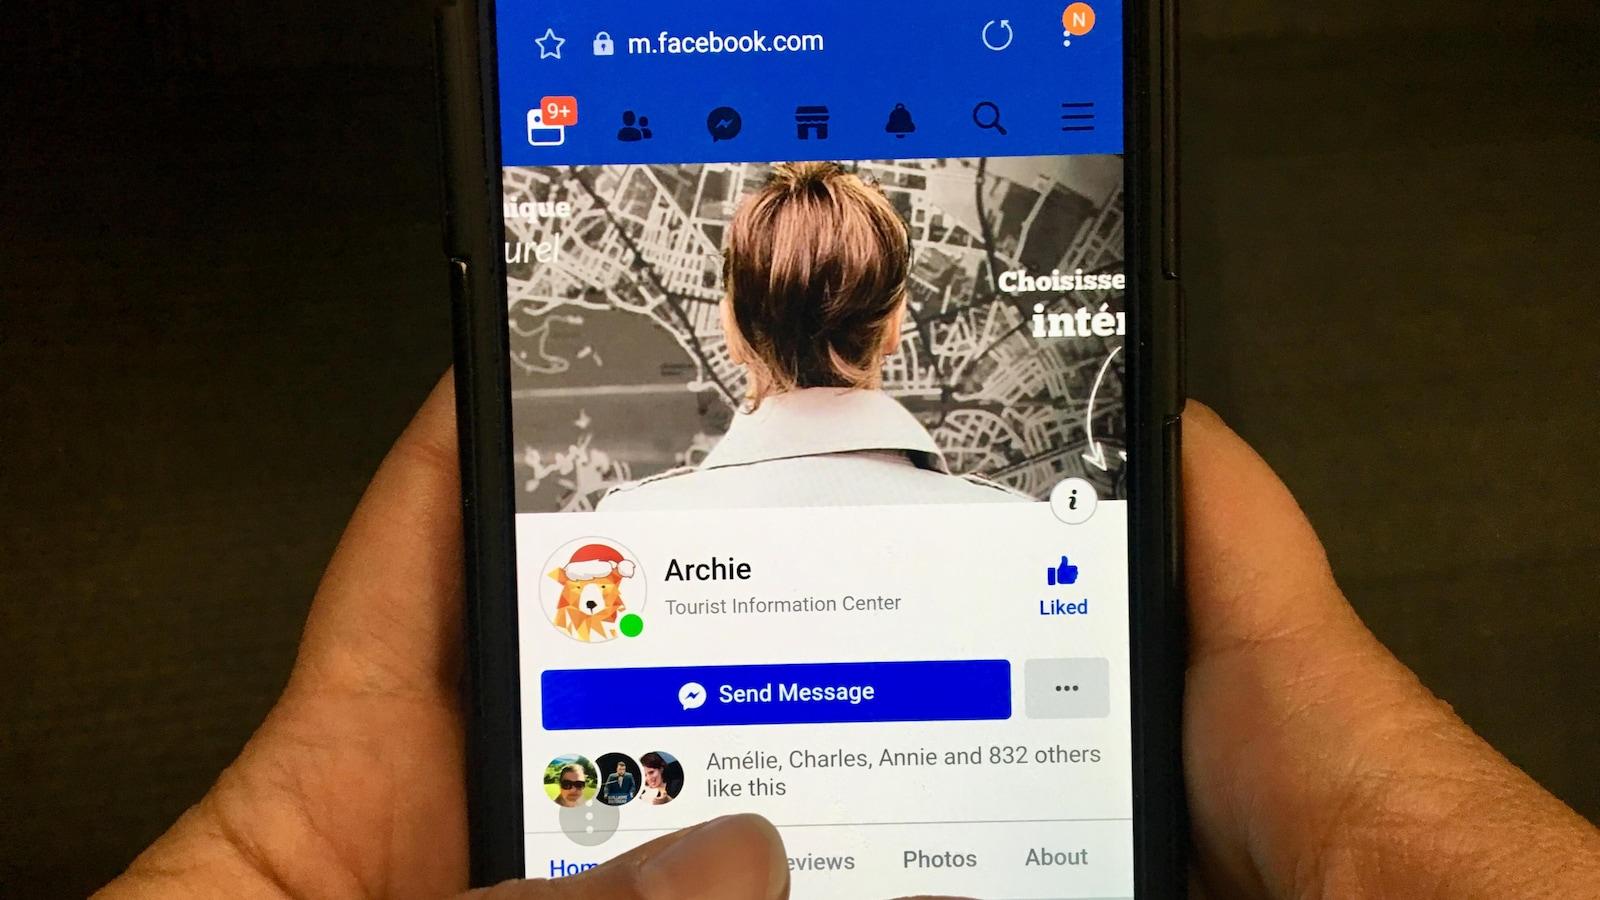 Un téléphone cellulaire sur lequel on voit la page Facebook d'Archie.